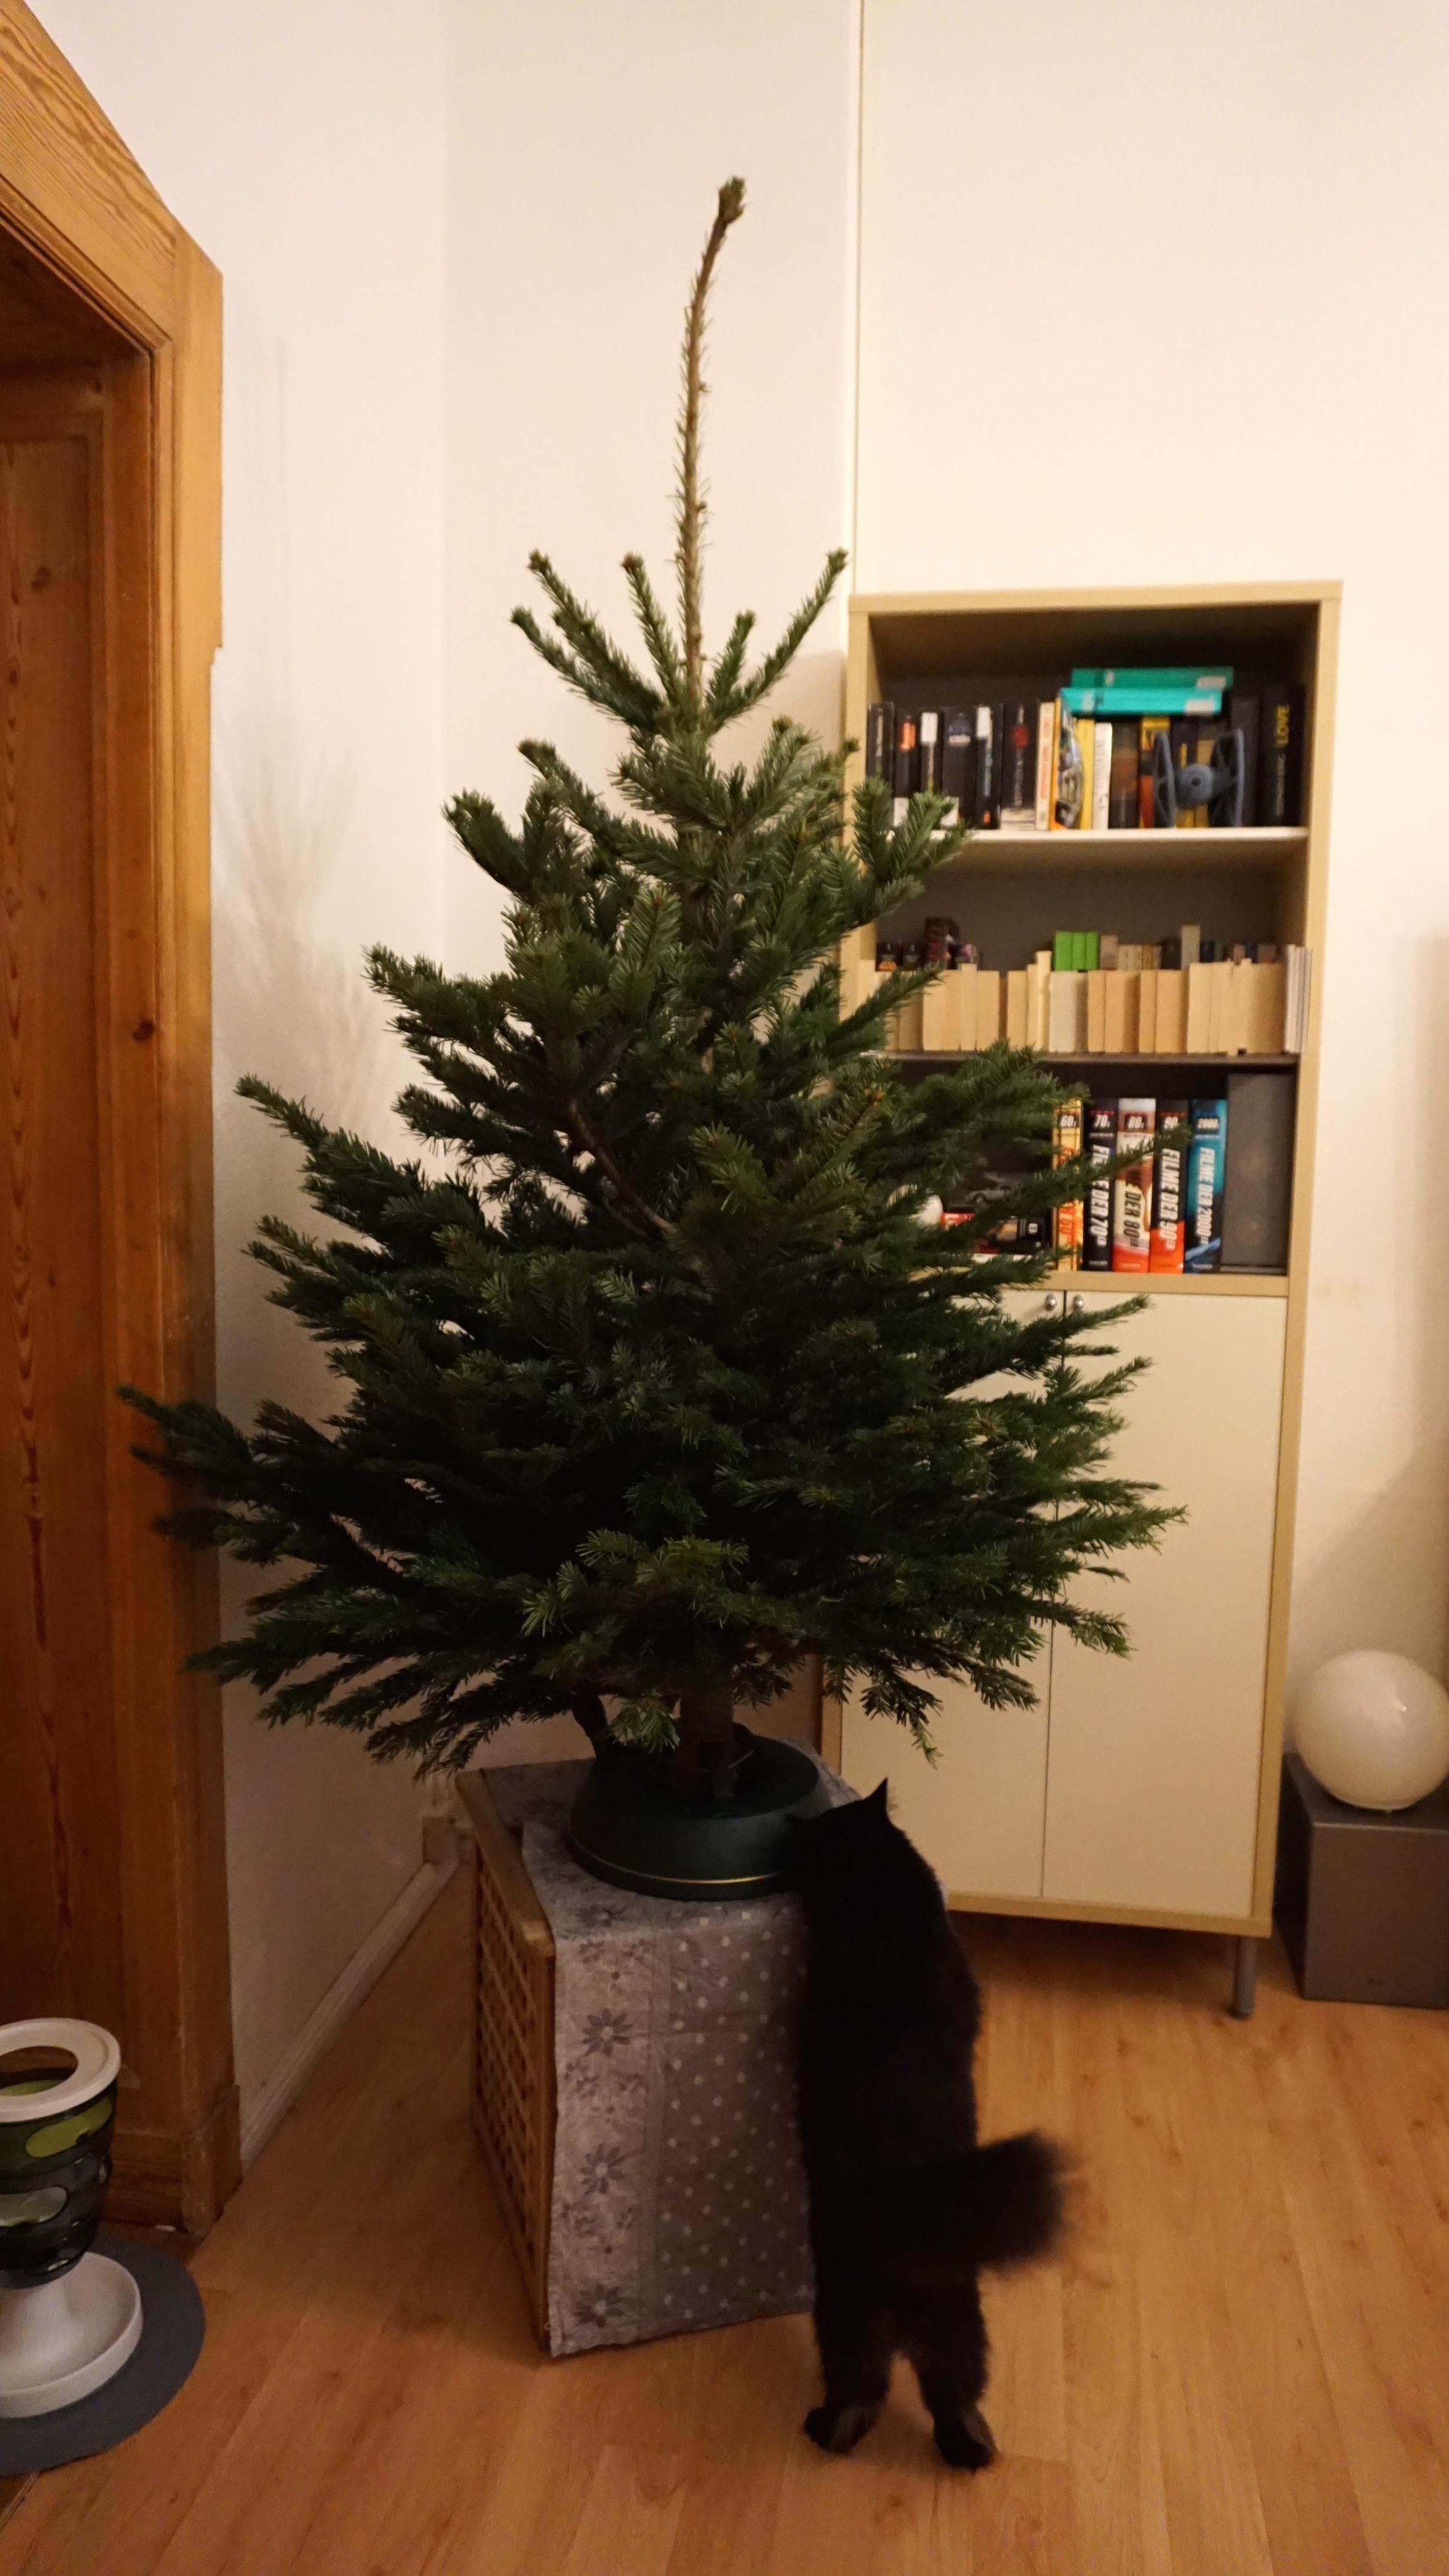 Ich habe mir einen weihnachsbaum bei amazon bestellt gillyberlin - Amazon weihnachtsbaum ...